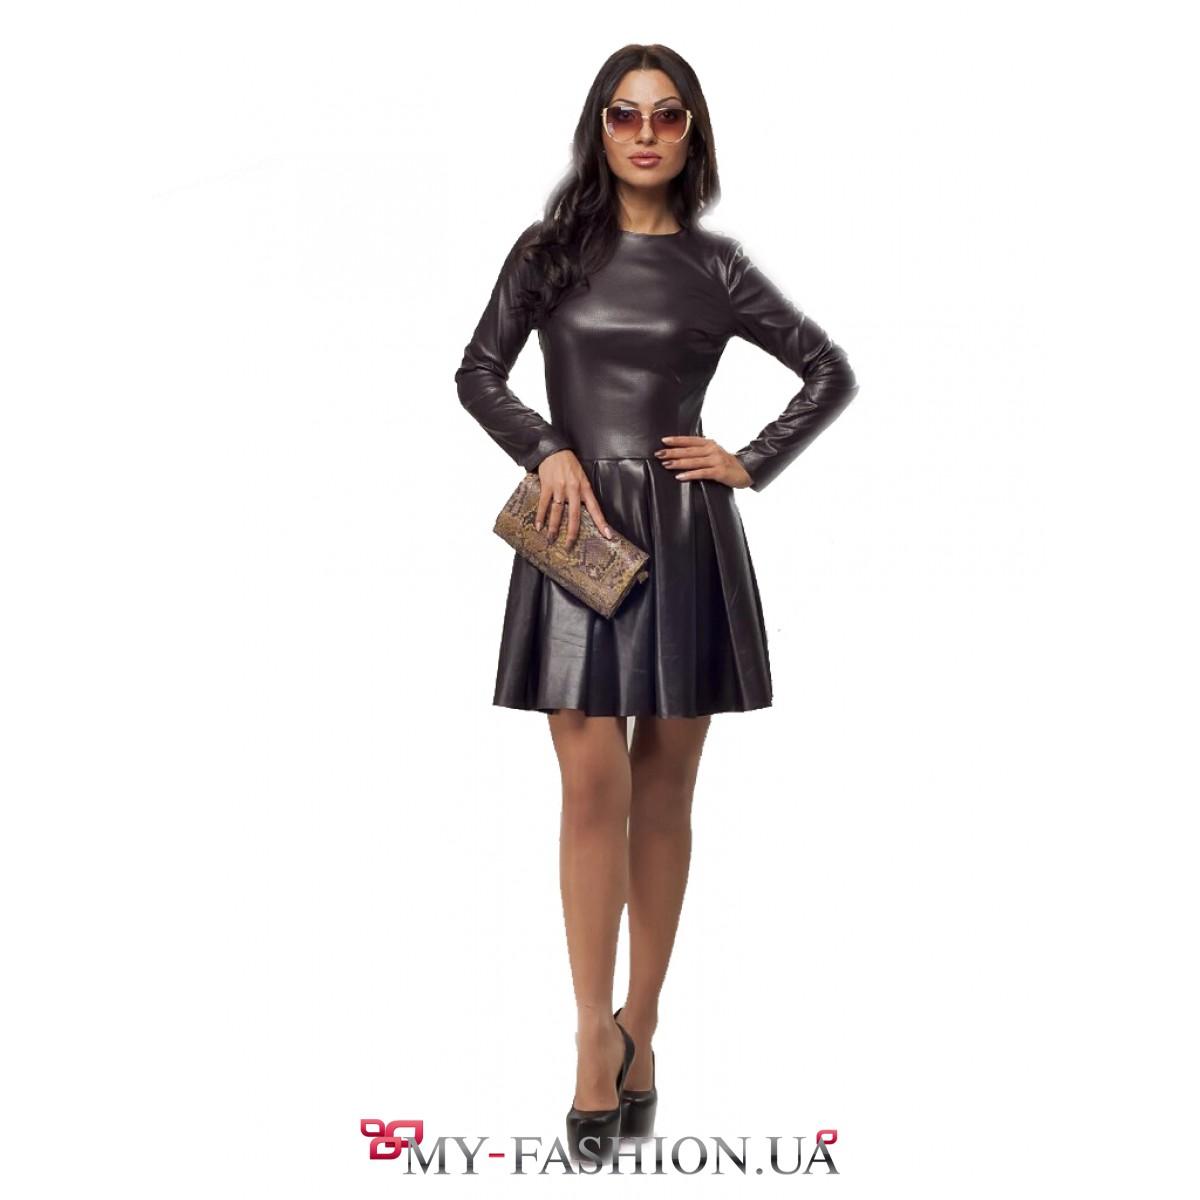 70270c4638c Шикарное чёрное кожаное платье с перфорацией купить в интернет ...